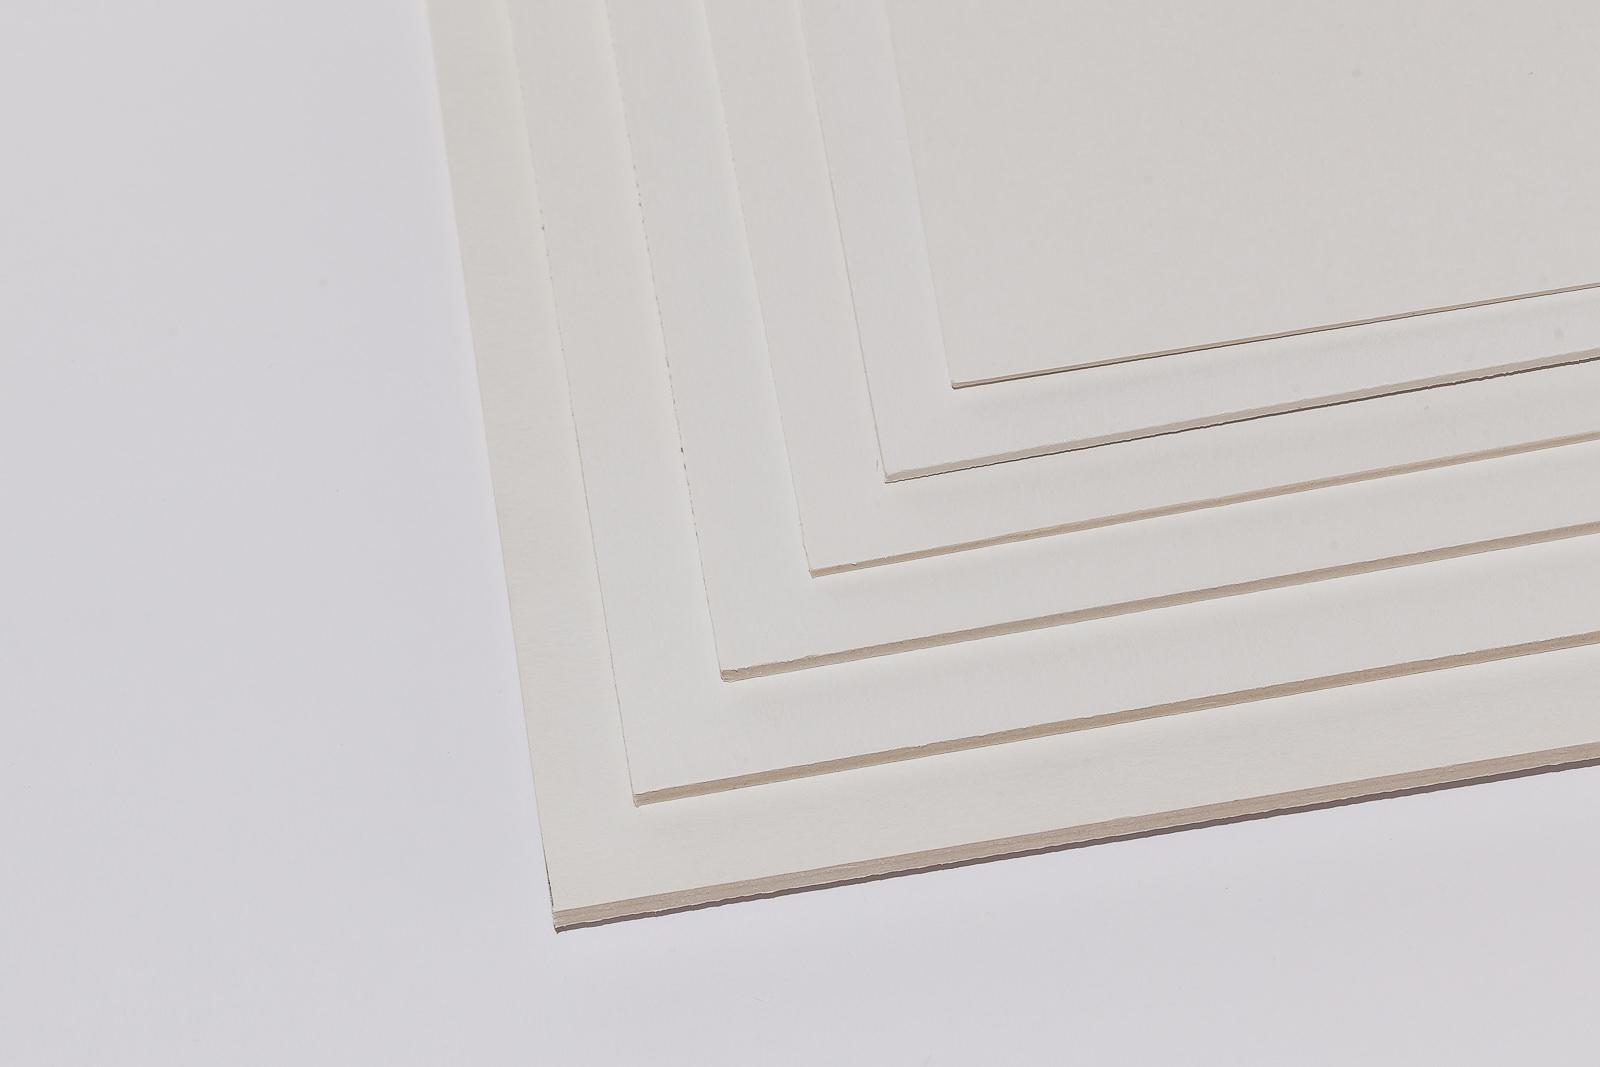 Kölner Pappe kaschiert, auch einseitig selbstklebend